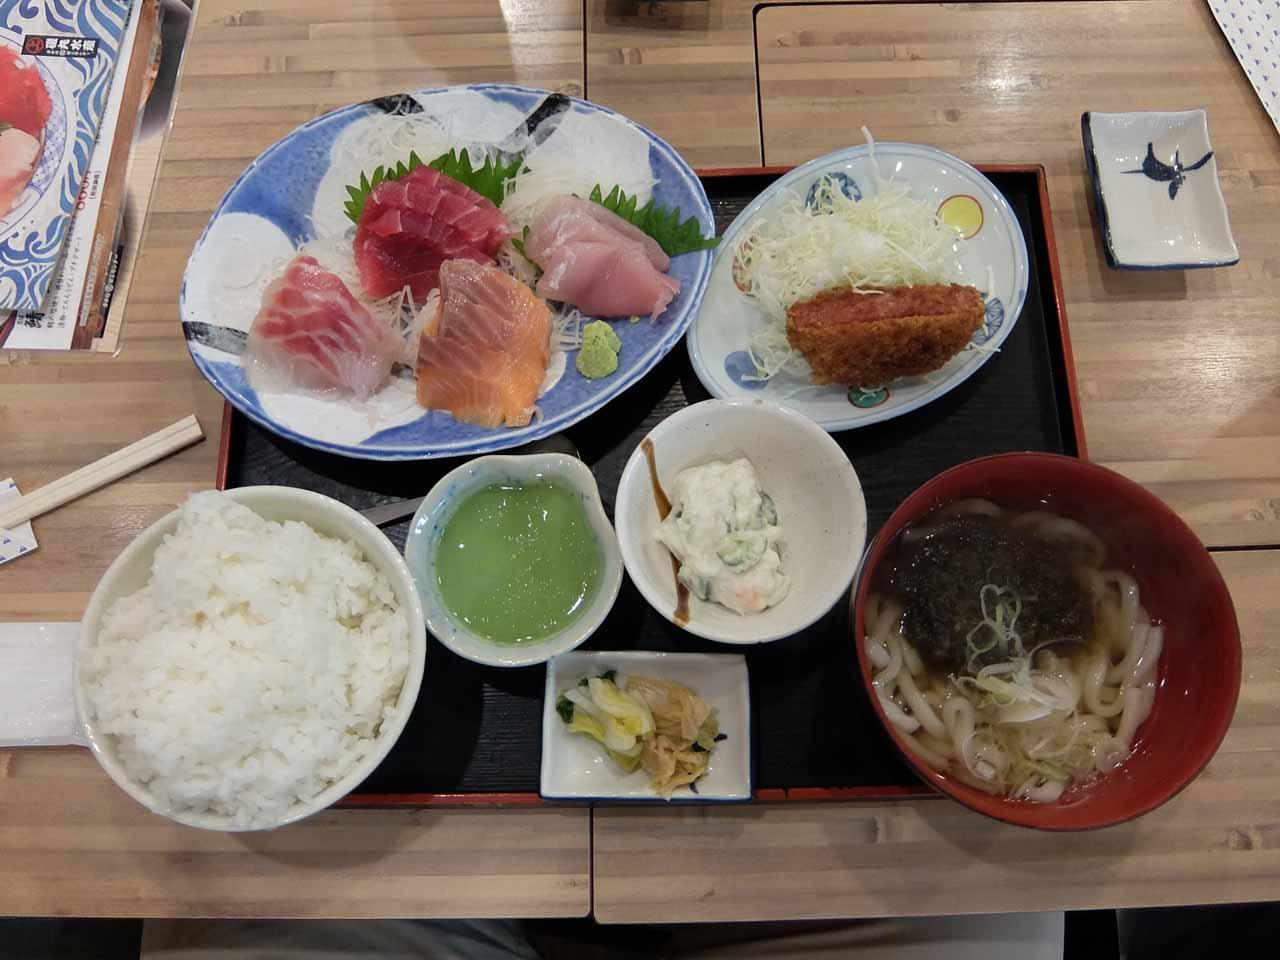 磯丸水産の満腹定食(1089円)が美味しいと話題